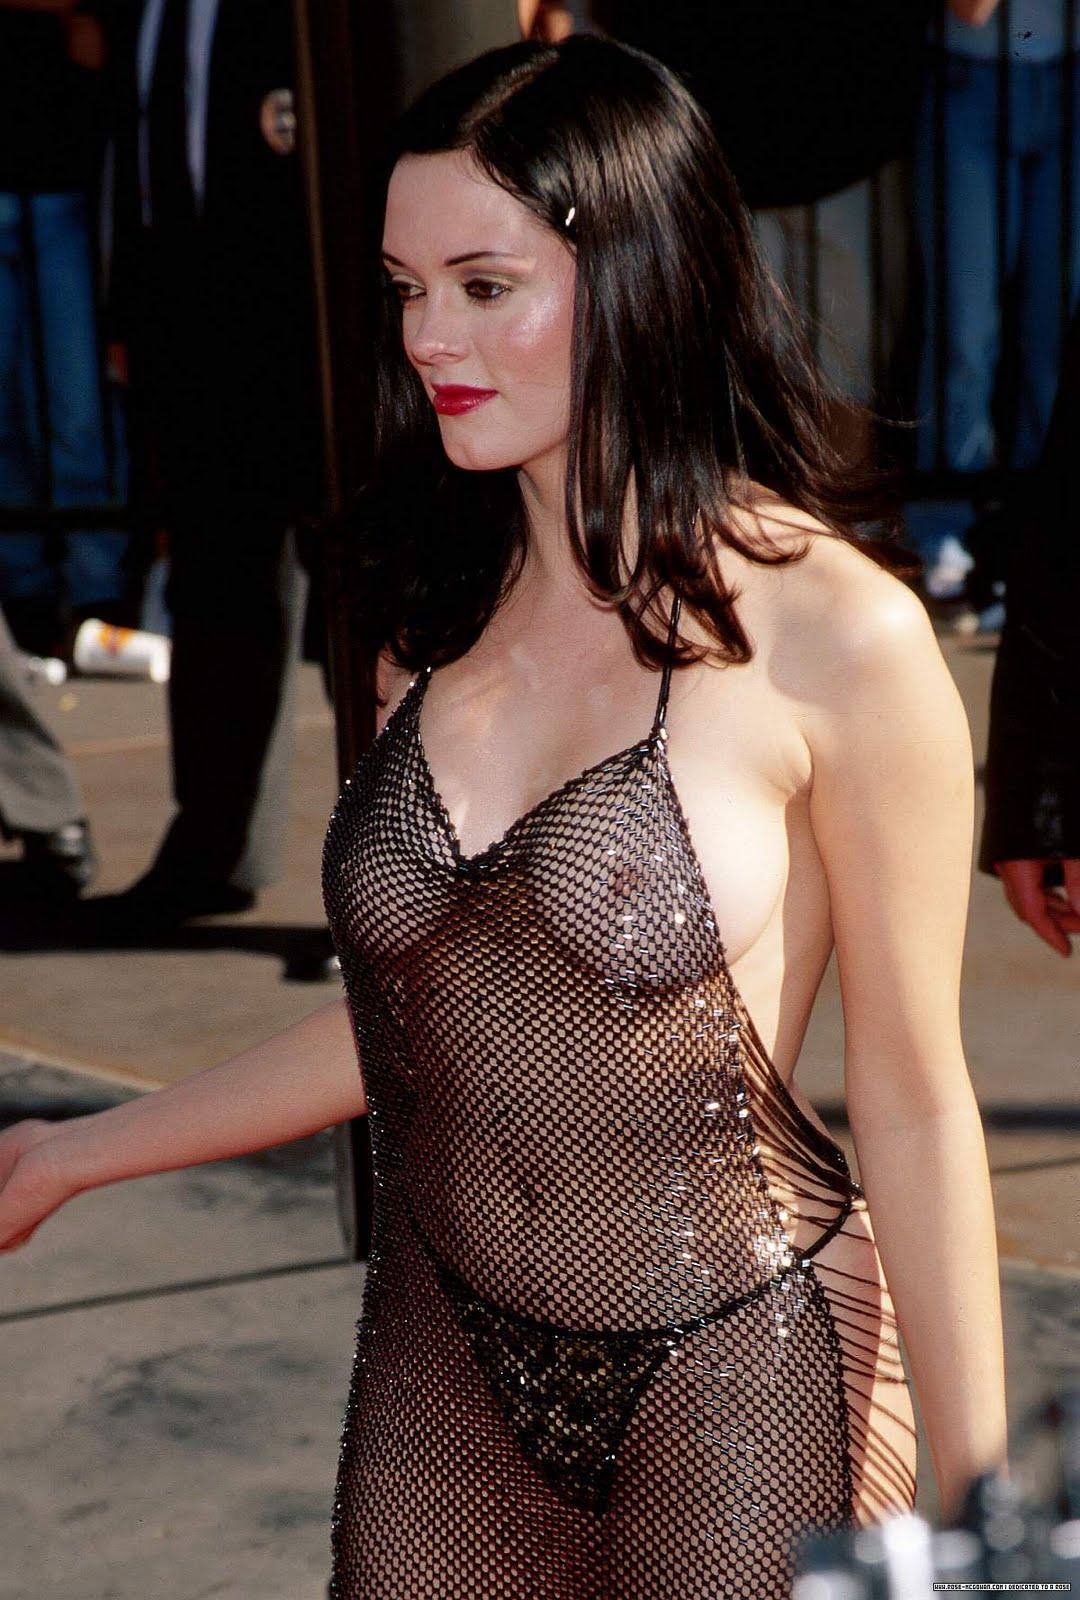 http://1.bp.blogspot.com/-LQjy3RTVv8U/Tcq76EnAL_I/AAAAAAAAATQ/_iv-XqXAkmQ/s1600/rose_mcgowan_98_mtv_awards_dress.jpg